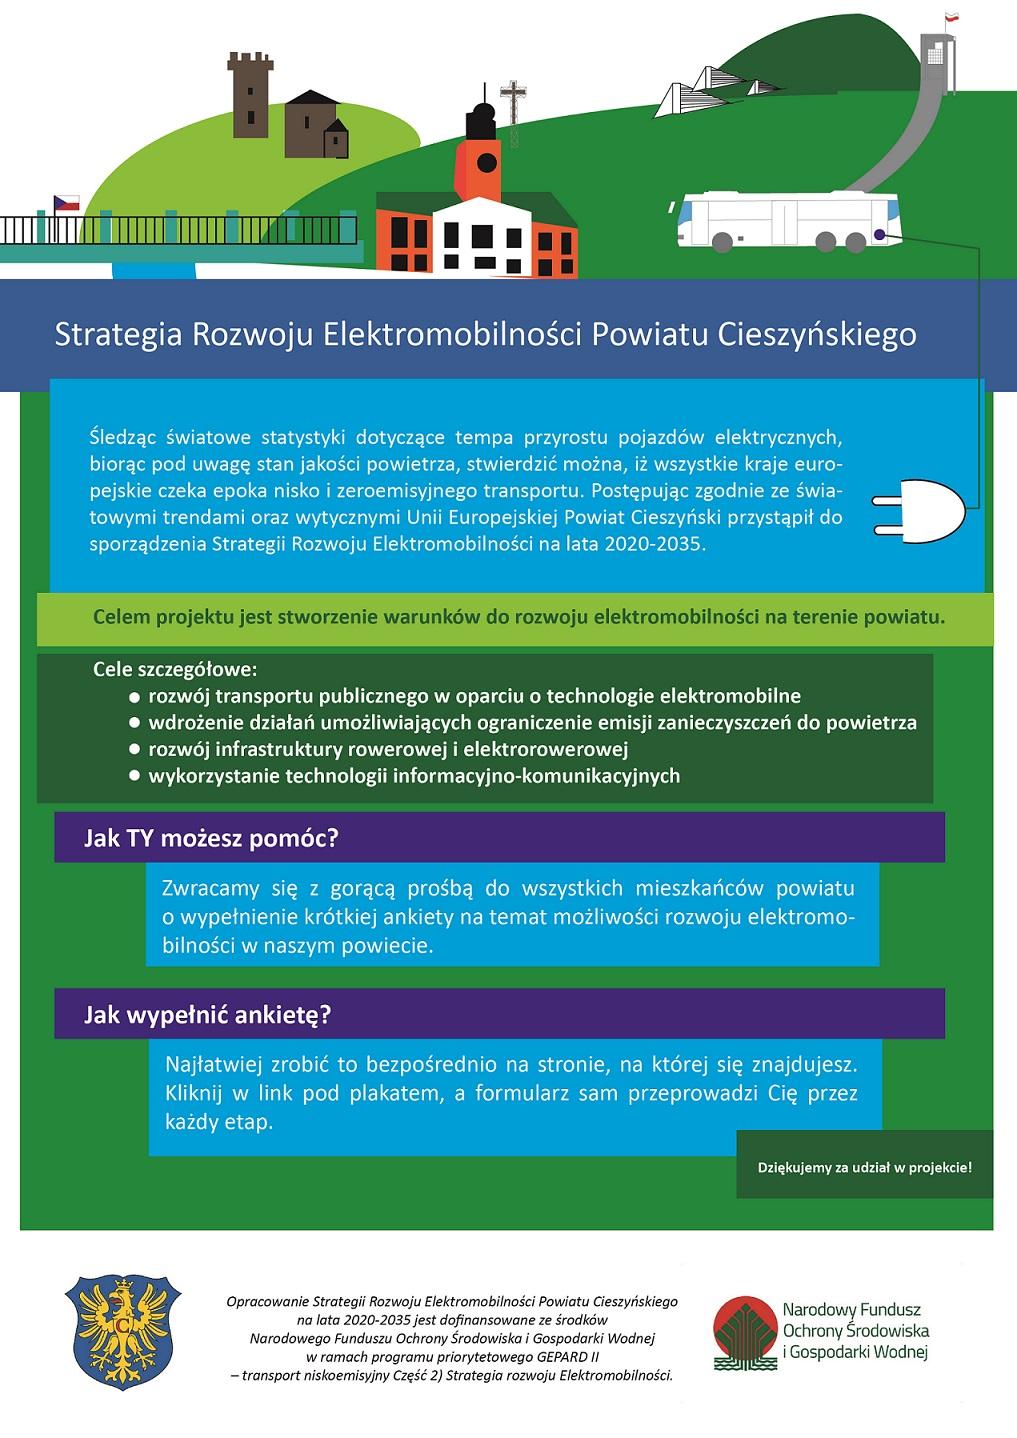 Strategia Rozwoju Elektromobilności Powiatu Cieszyńskiego na lata 2020-2035